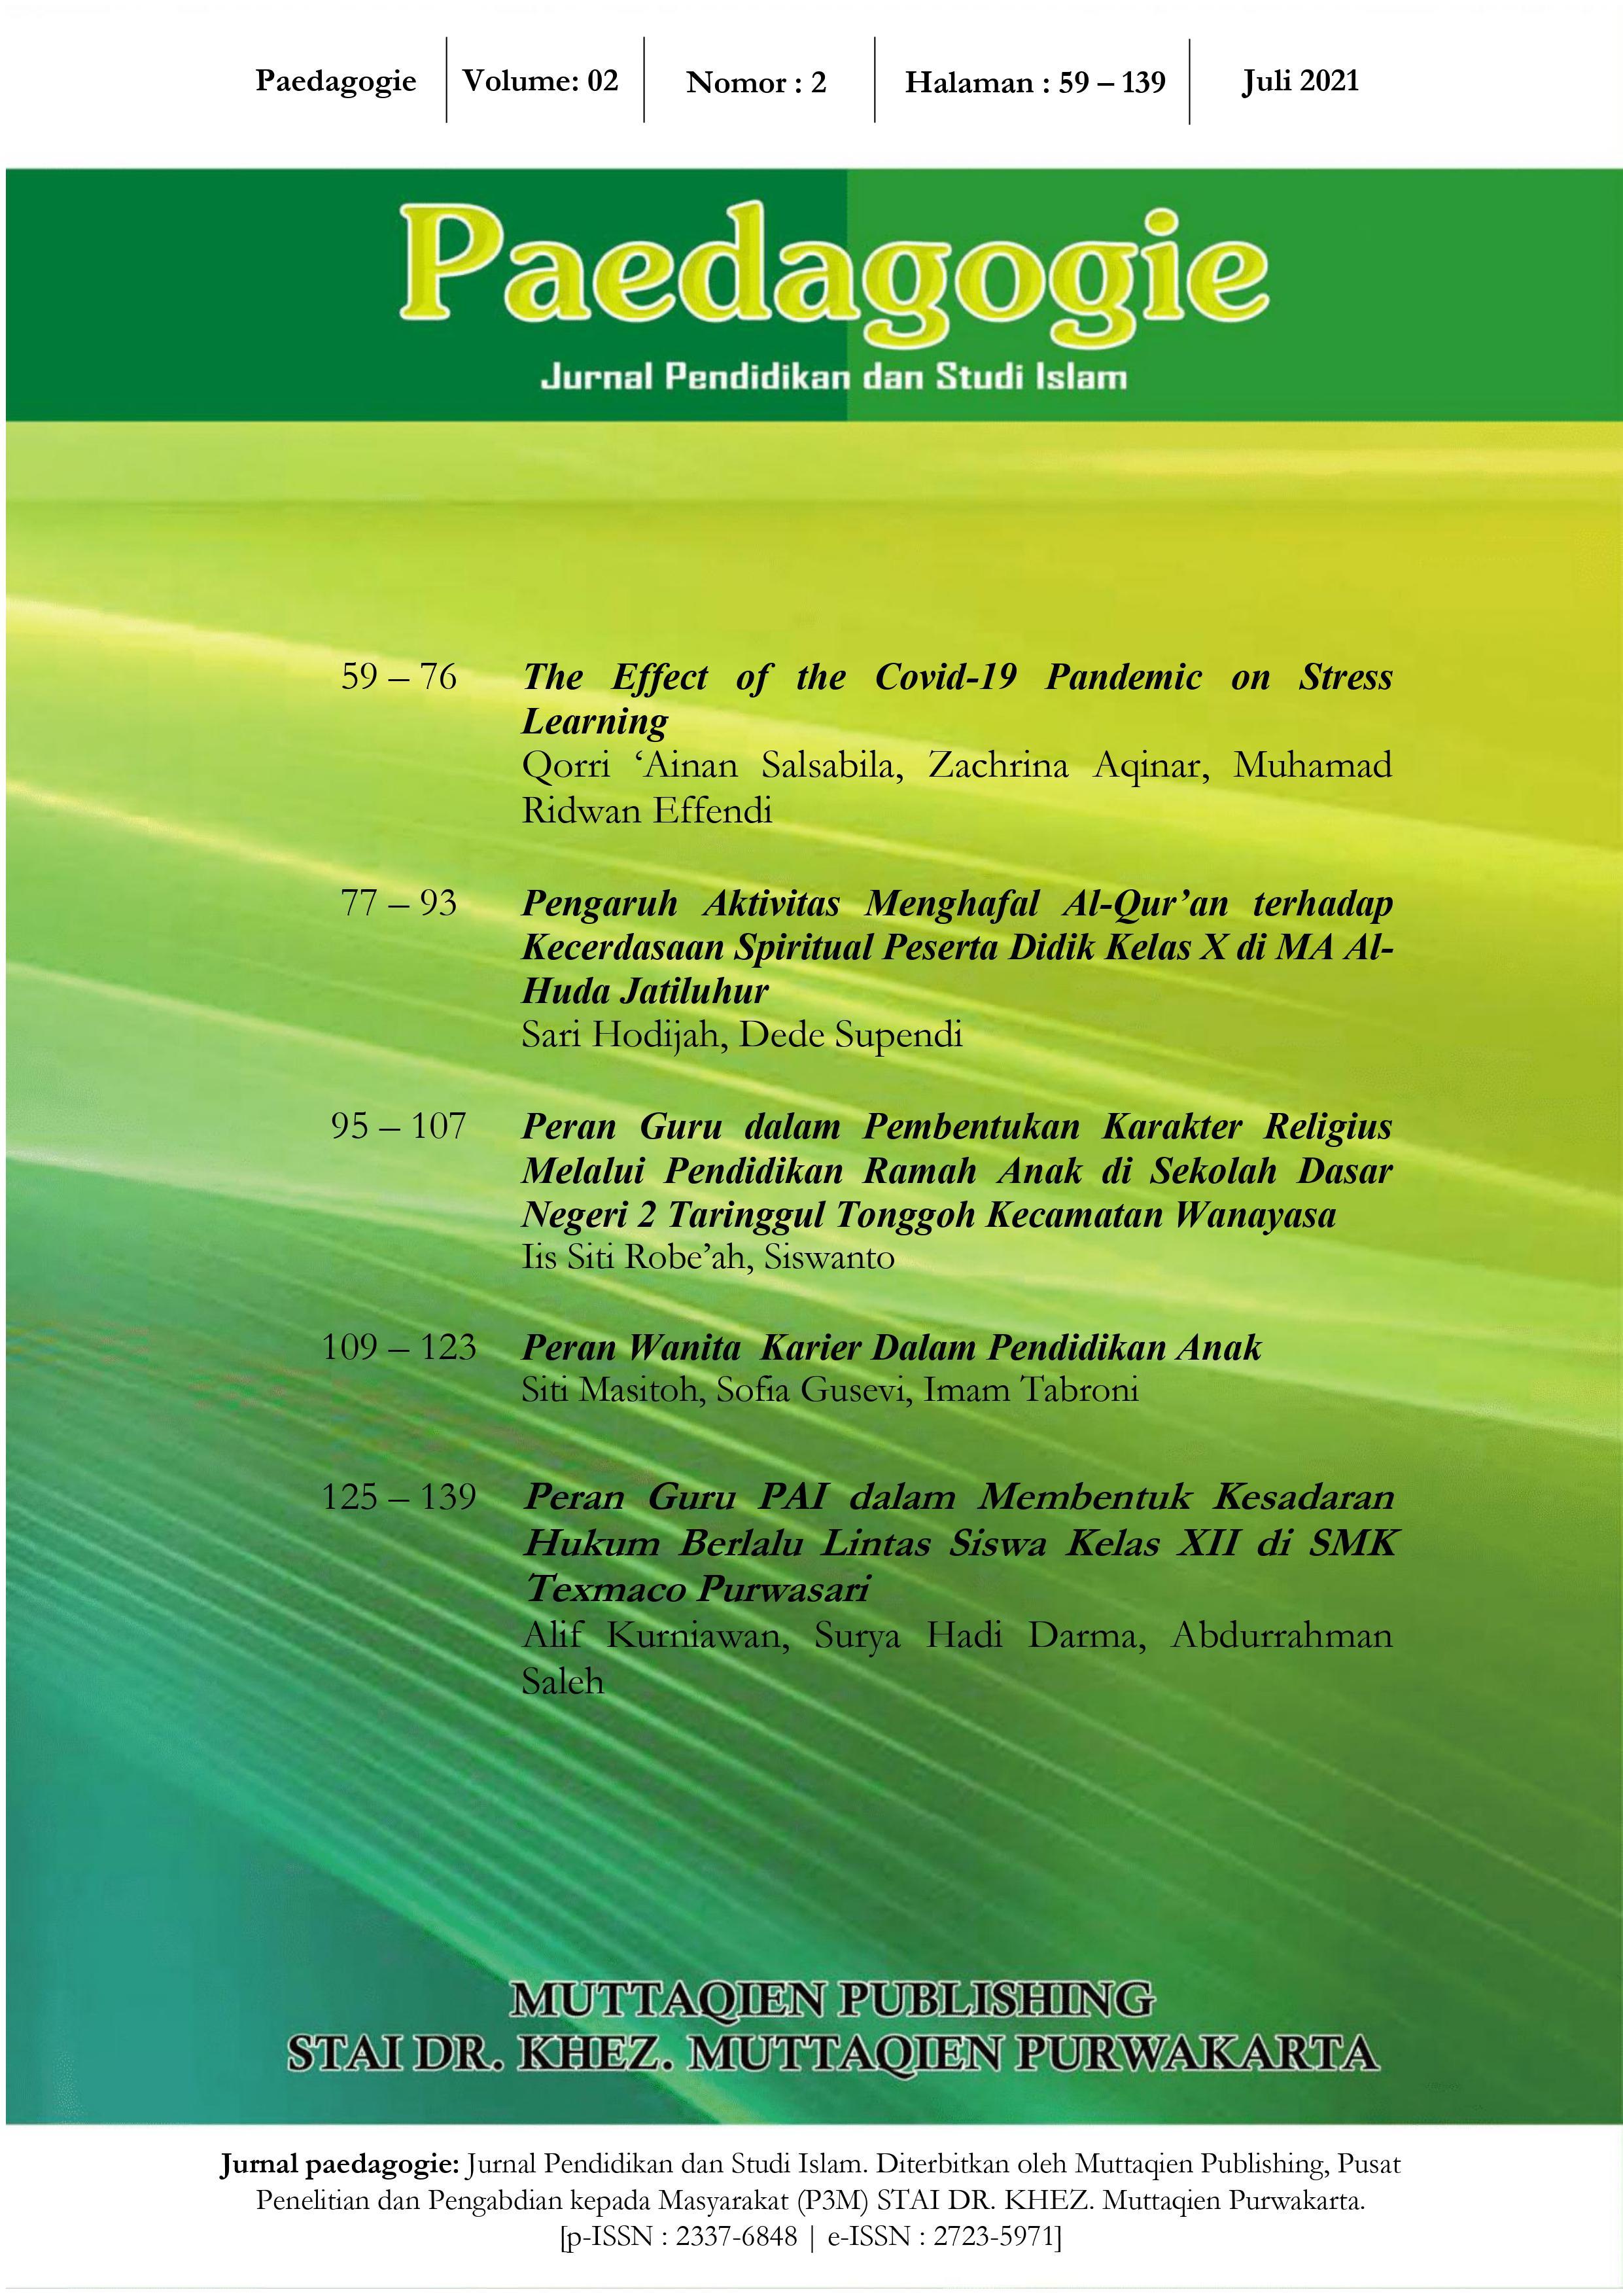 View Vol. 2 No. 02 (2021): Paedagogie: Jurnal Pendidikan dan Studi Islam